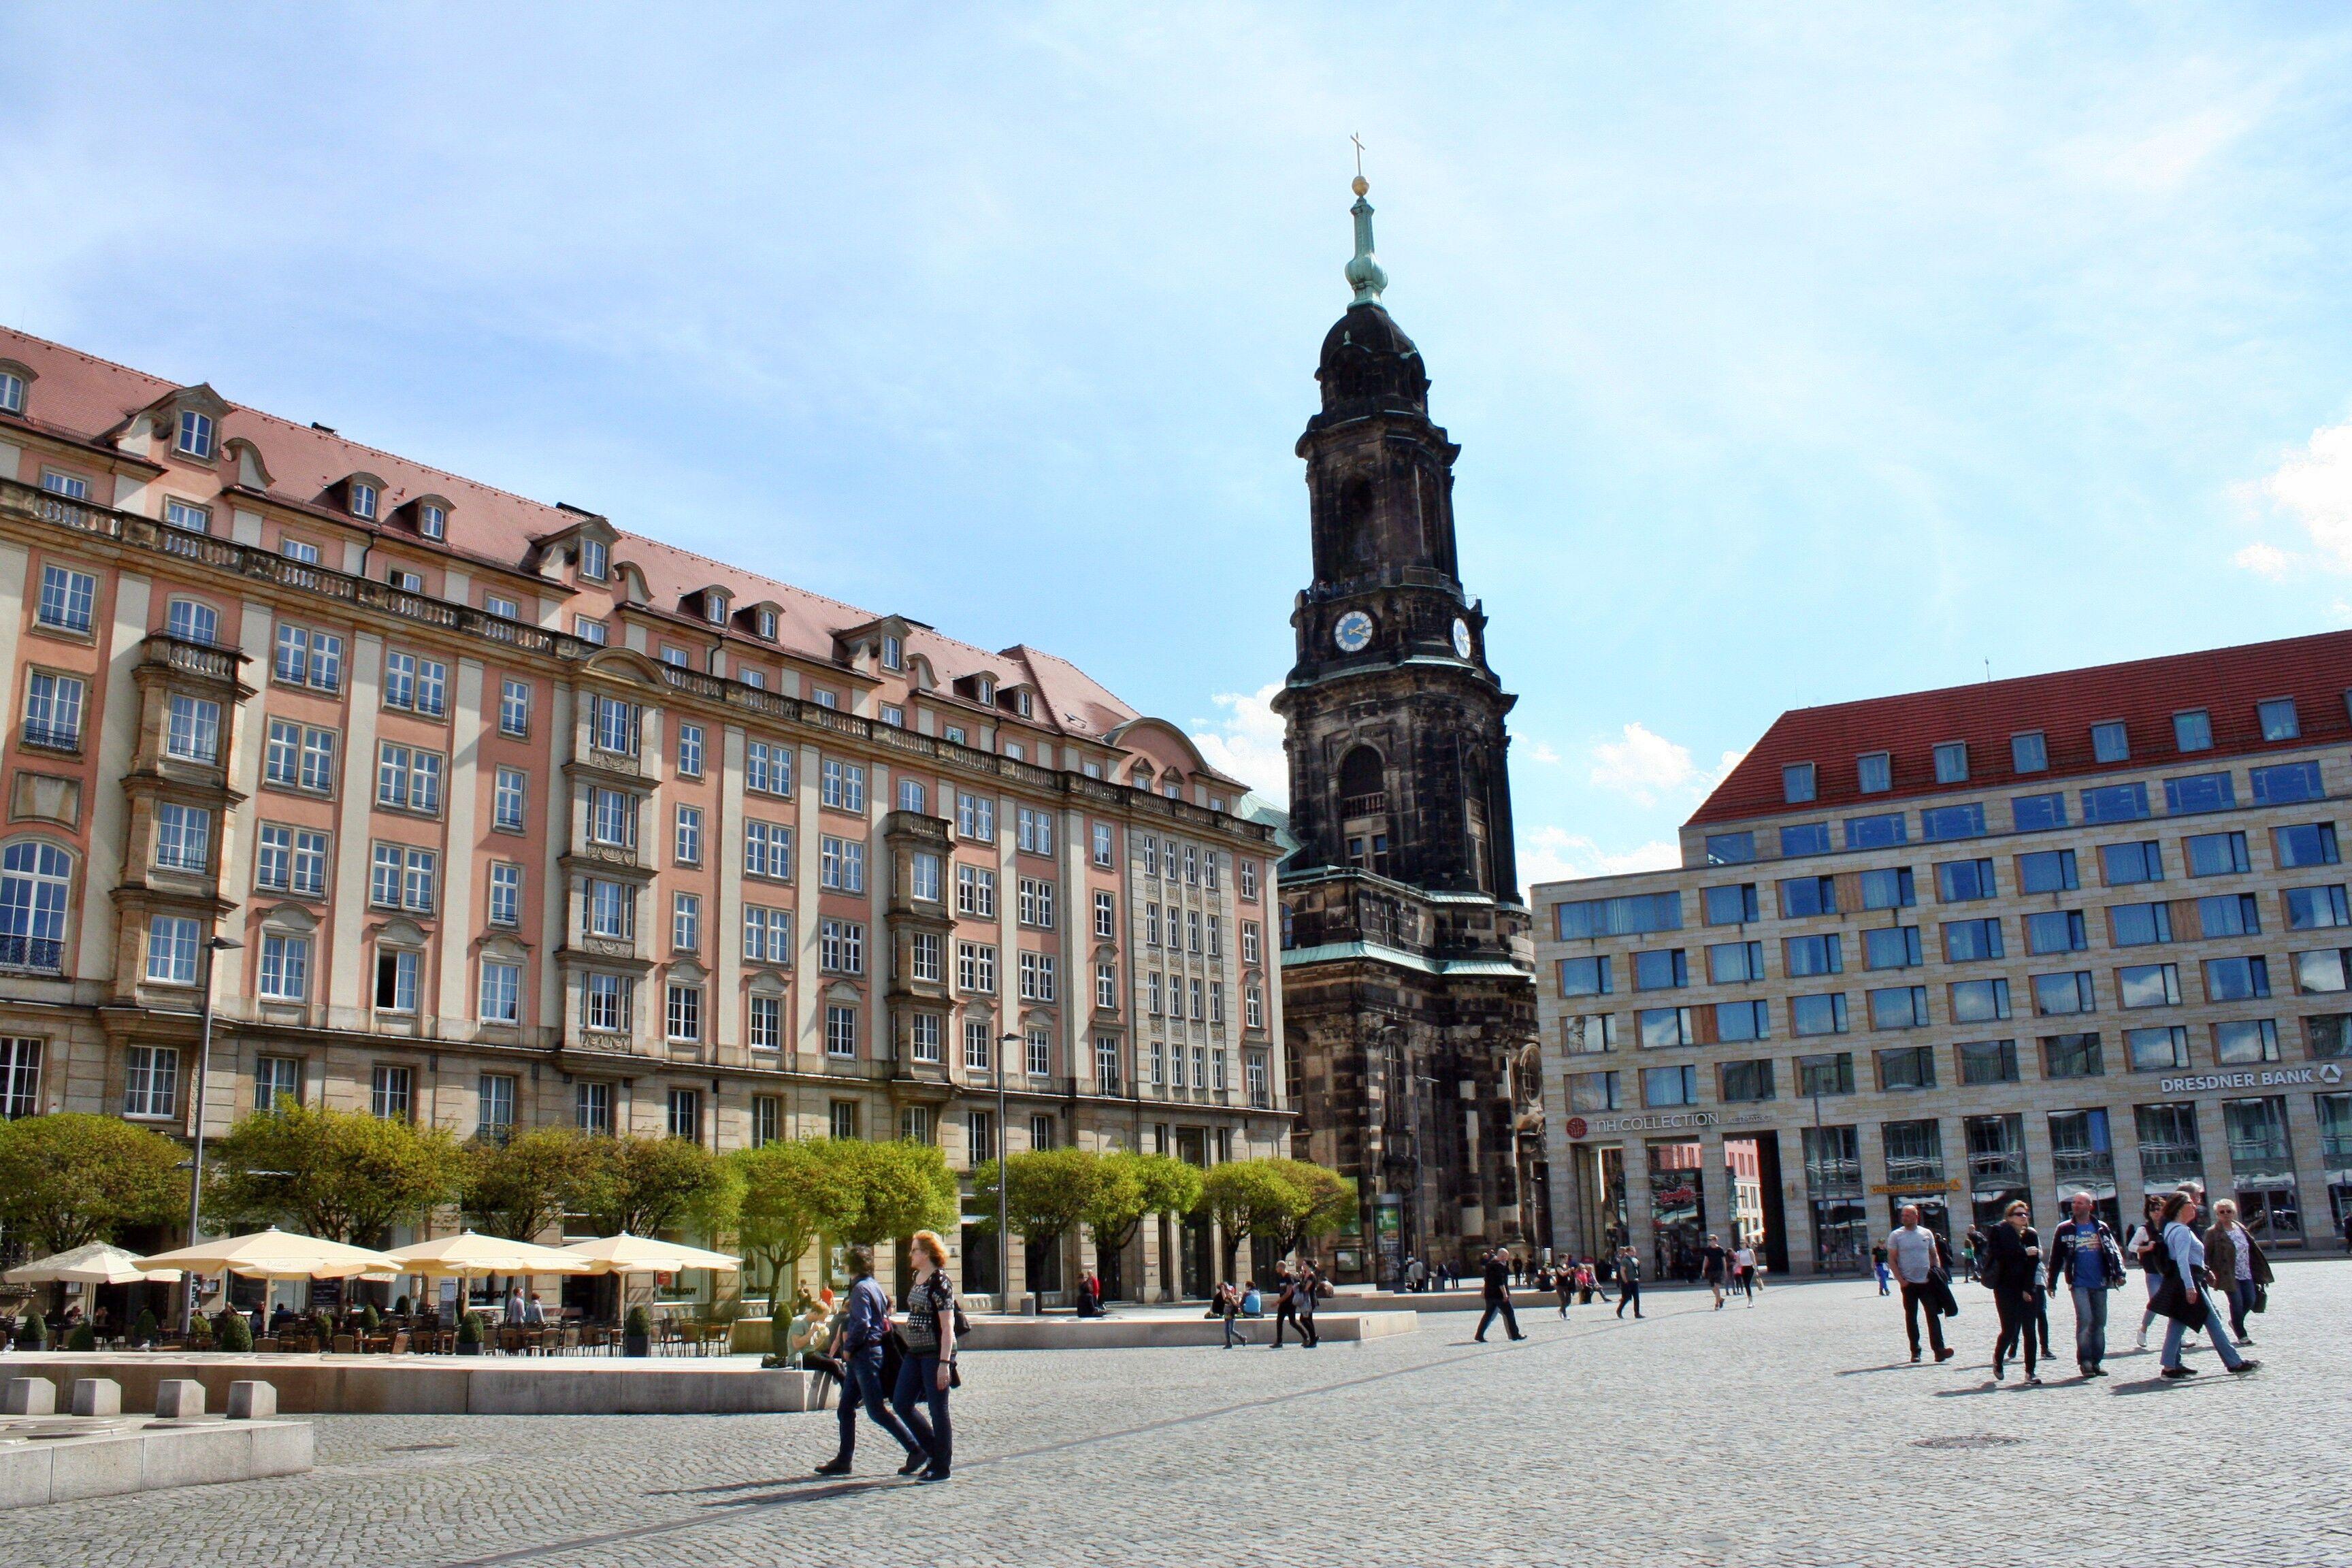 File:Dresden.Altmarkt.April 2018,-01.jpg - Wikimedia Commons